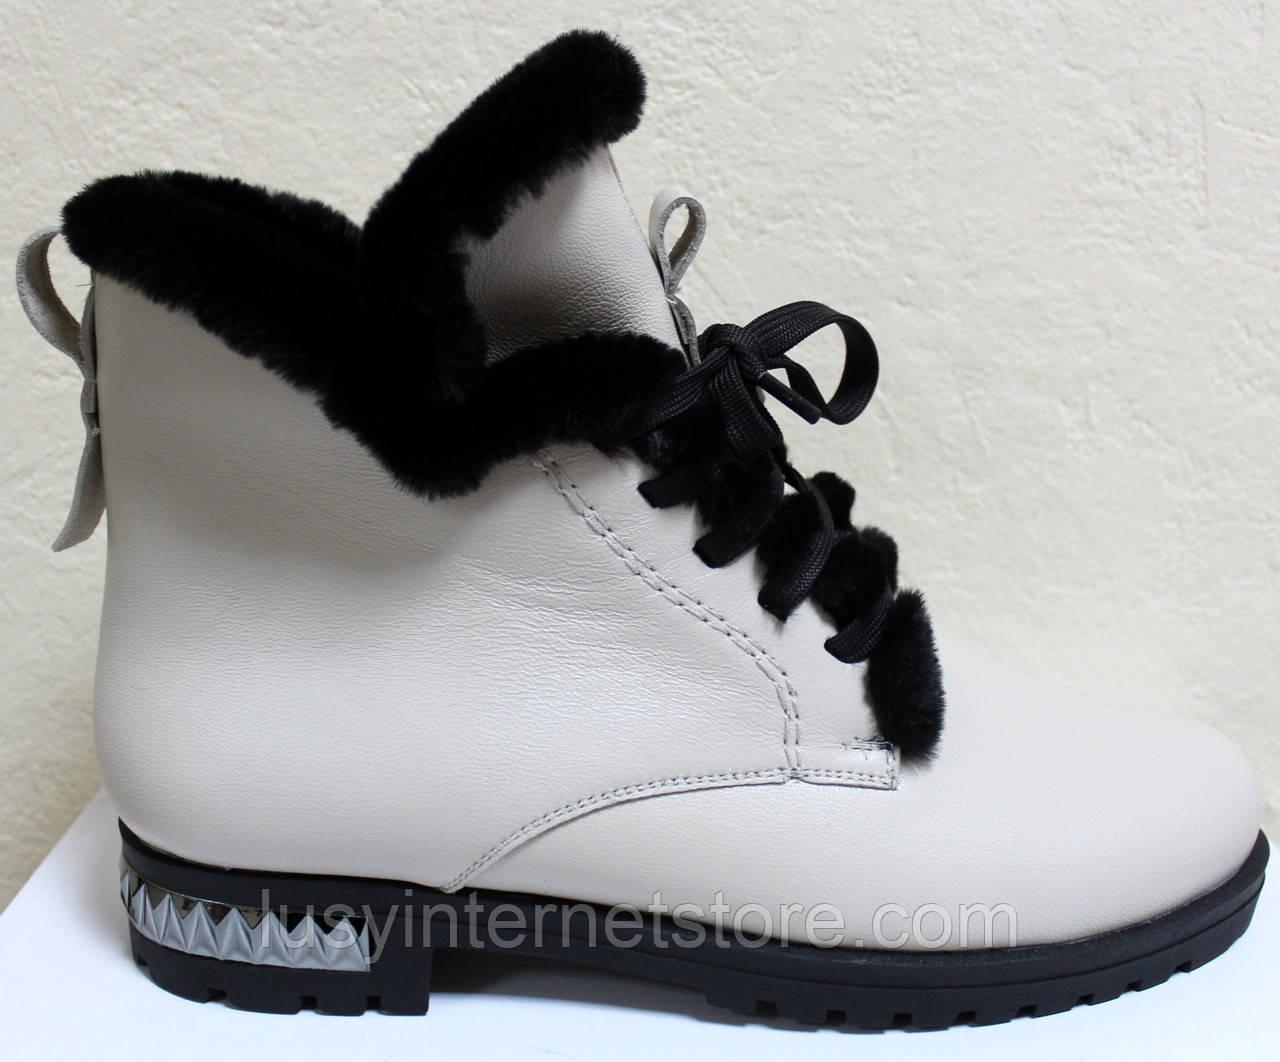 Ботинки женские зимние большого размера от производителя модель МИ5302-10